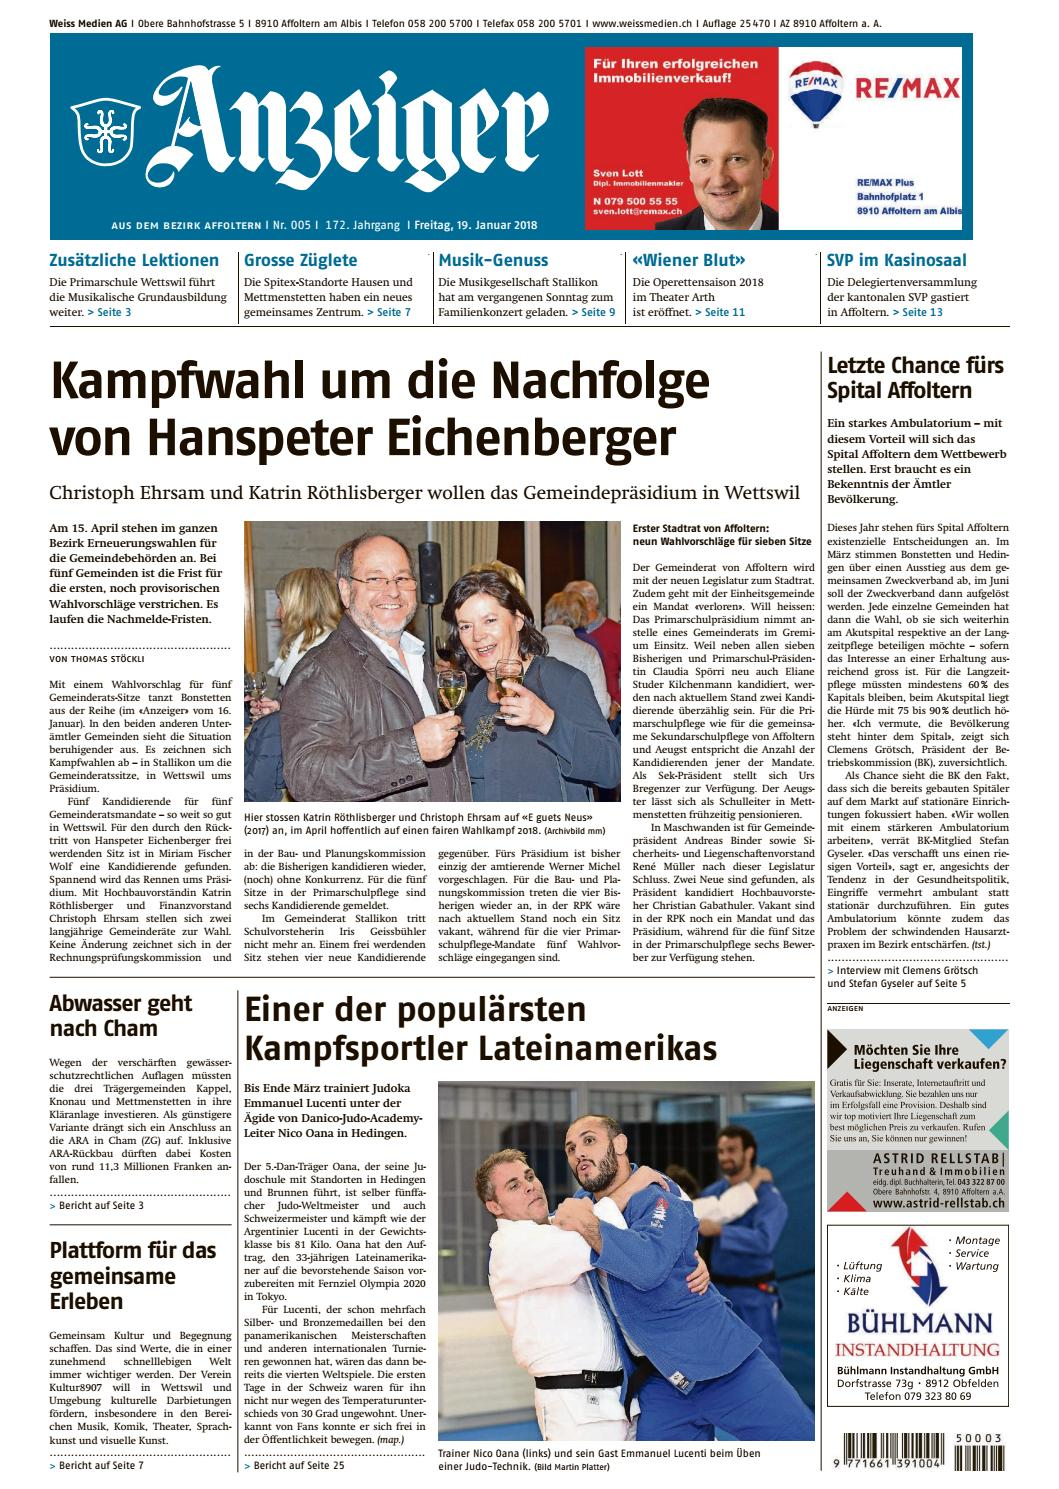 rechtes zrichseeufer - bei coonhounds.info